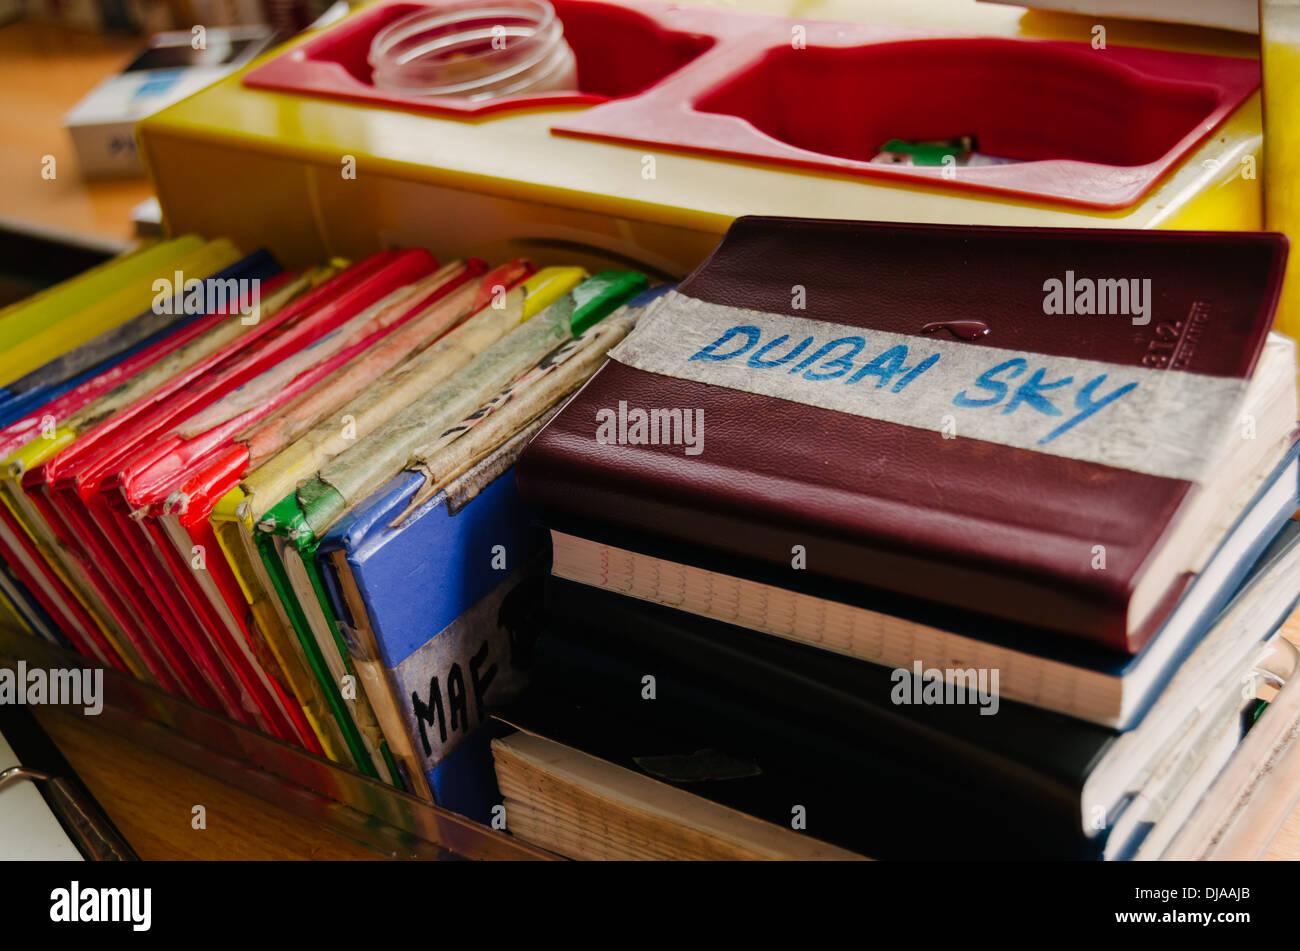 Transaction notebooks inside store at Deira. Dubai, United Arab Emirates. - Stock Image